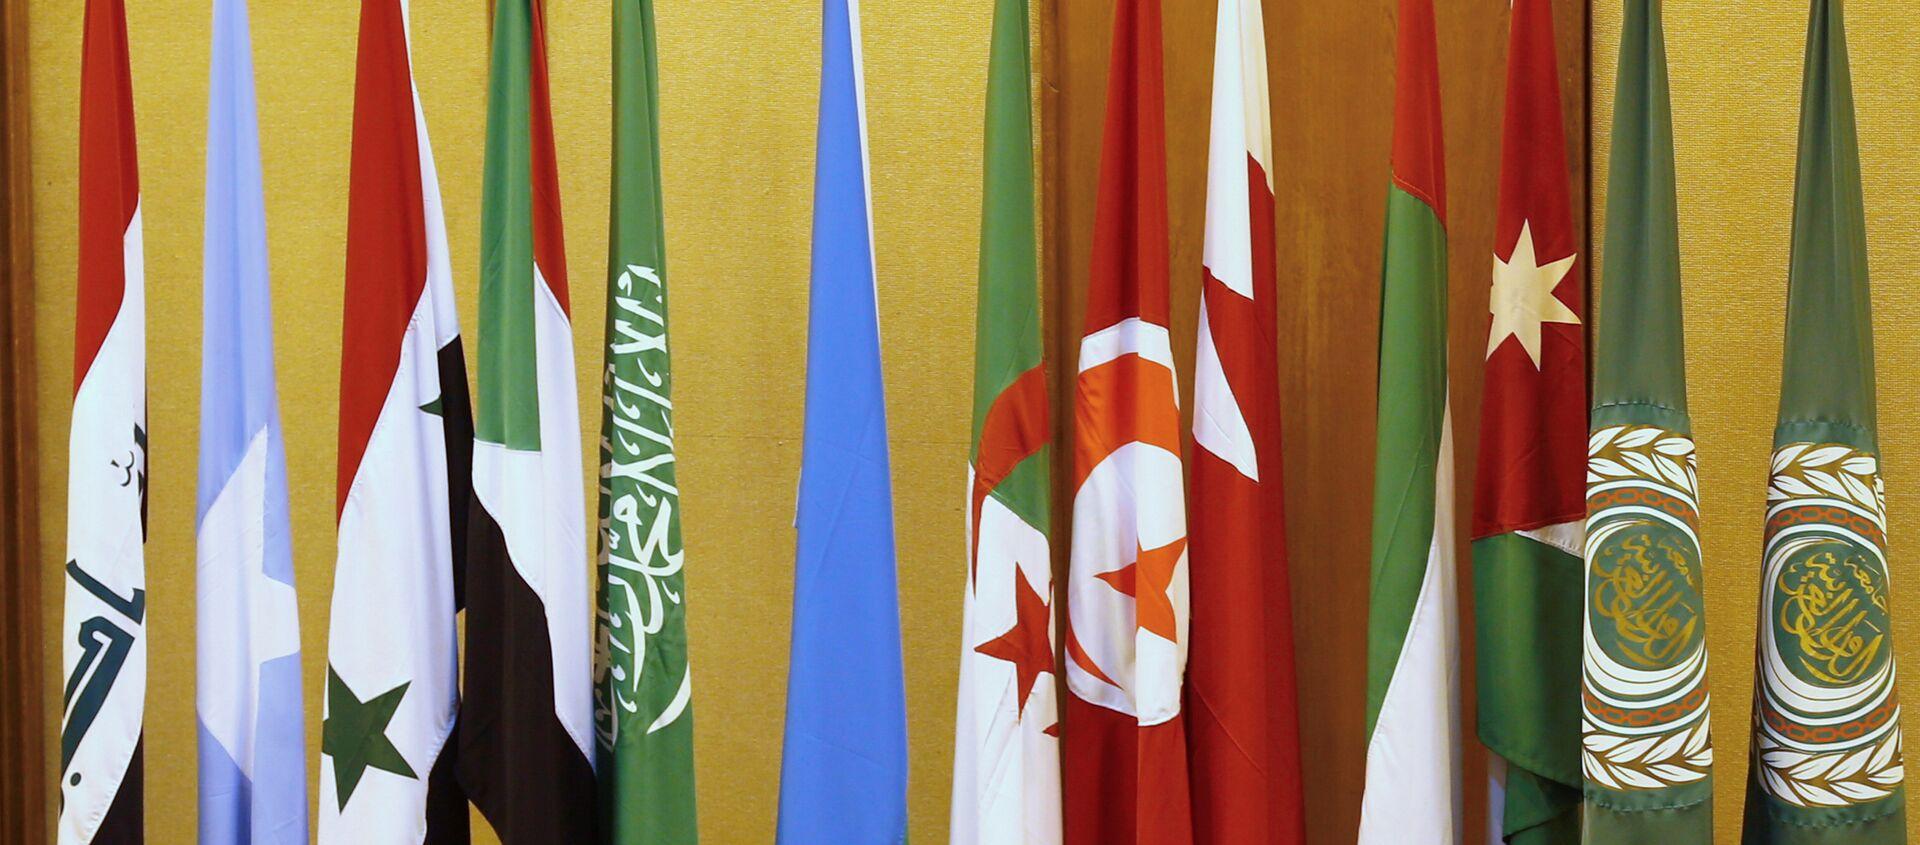 Banderas de los países de la Liga Árabe en El Cairo - Sputnik Mundo, 1920, 11.11.2020